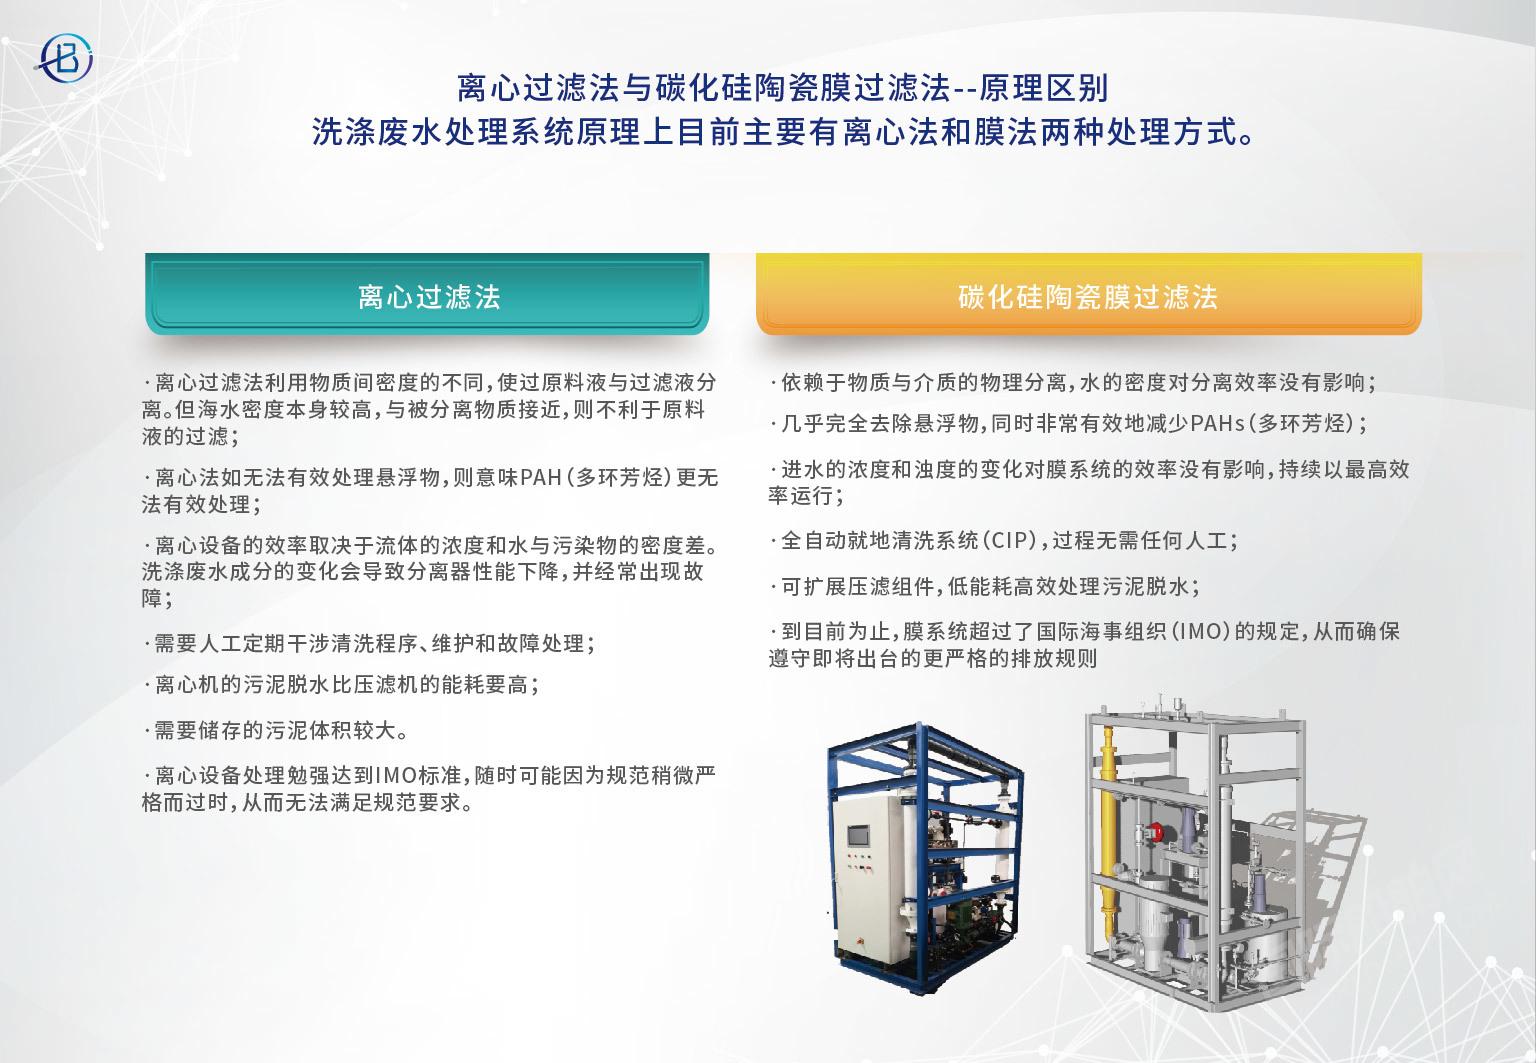 九江东升科技开发有限公司样本,EGC脱硫塔洗涤水处理系统